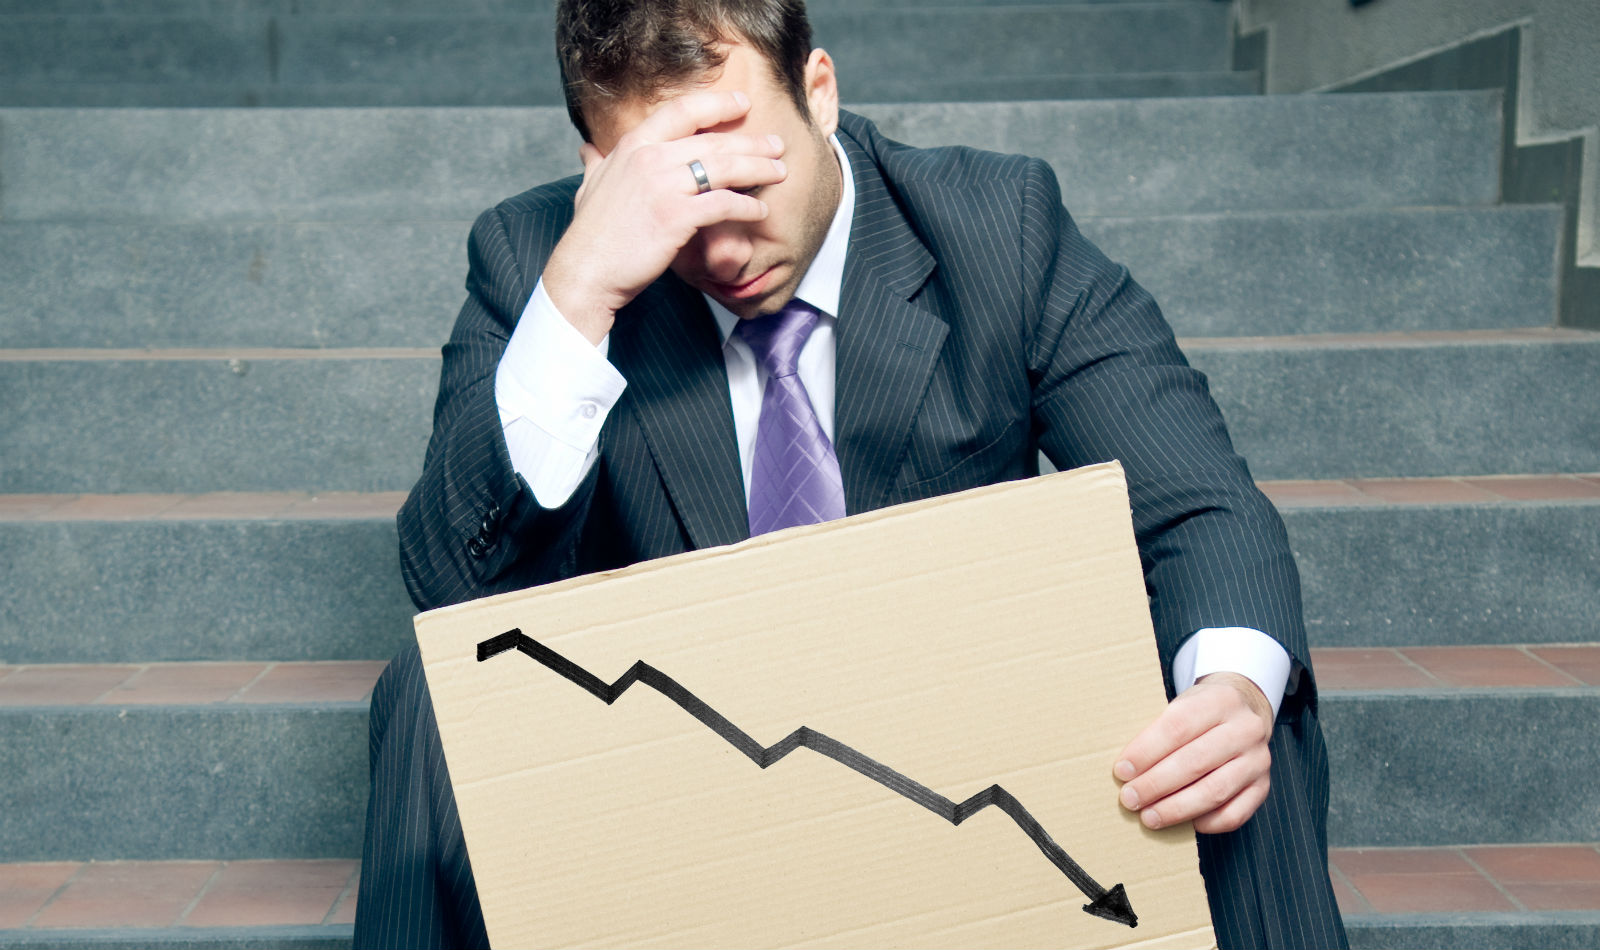 Desempleo de febrero llegó al 11,8 por ciento - Gestión Solidaria